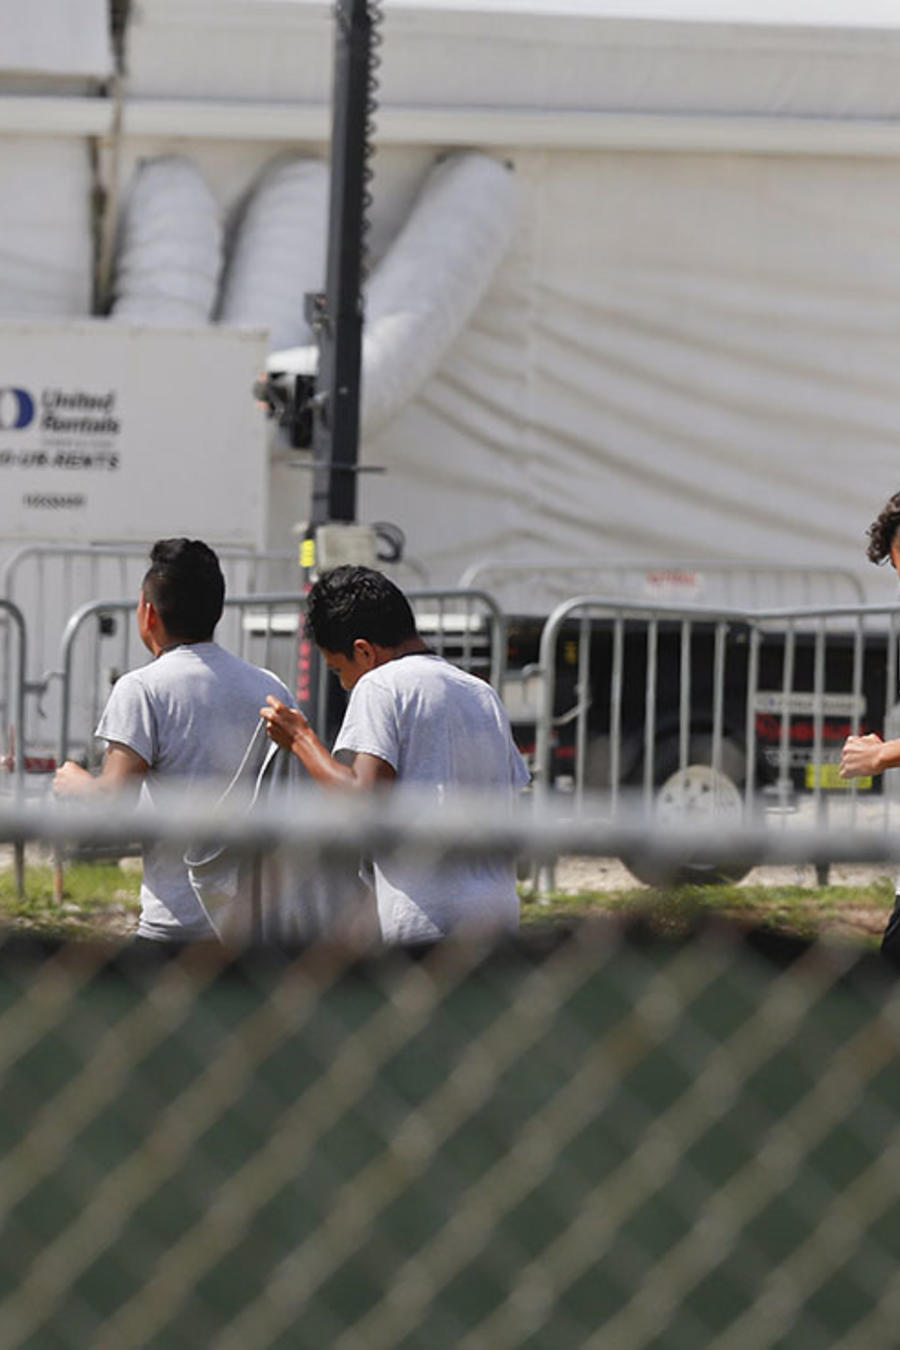 Menores migrantes caminan en las afueras del Migrant Homestead Temporary Shelter for Unaccompanied Children, en Homestead, Florida.